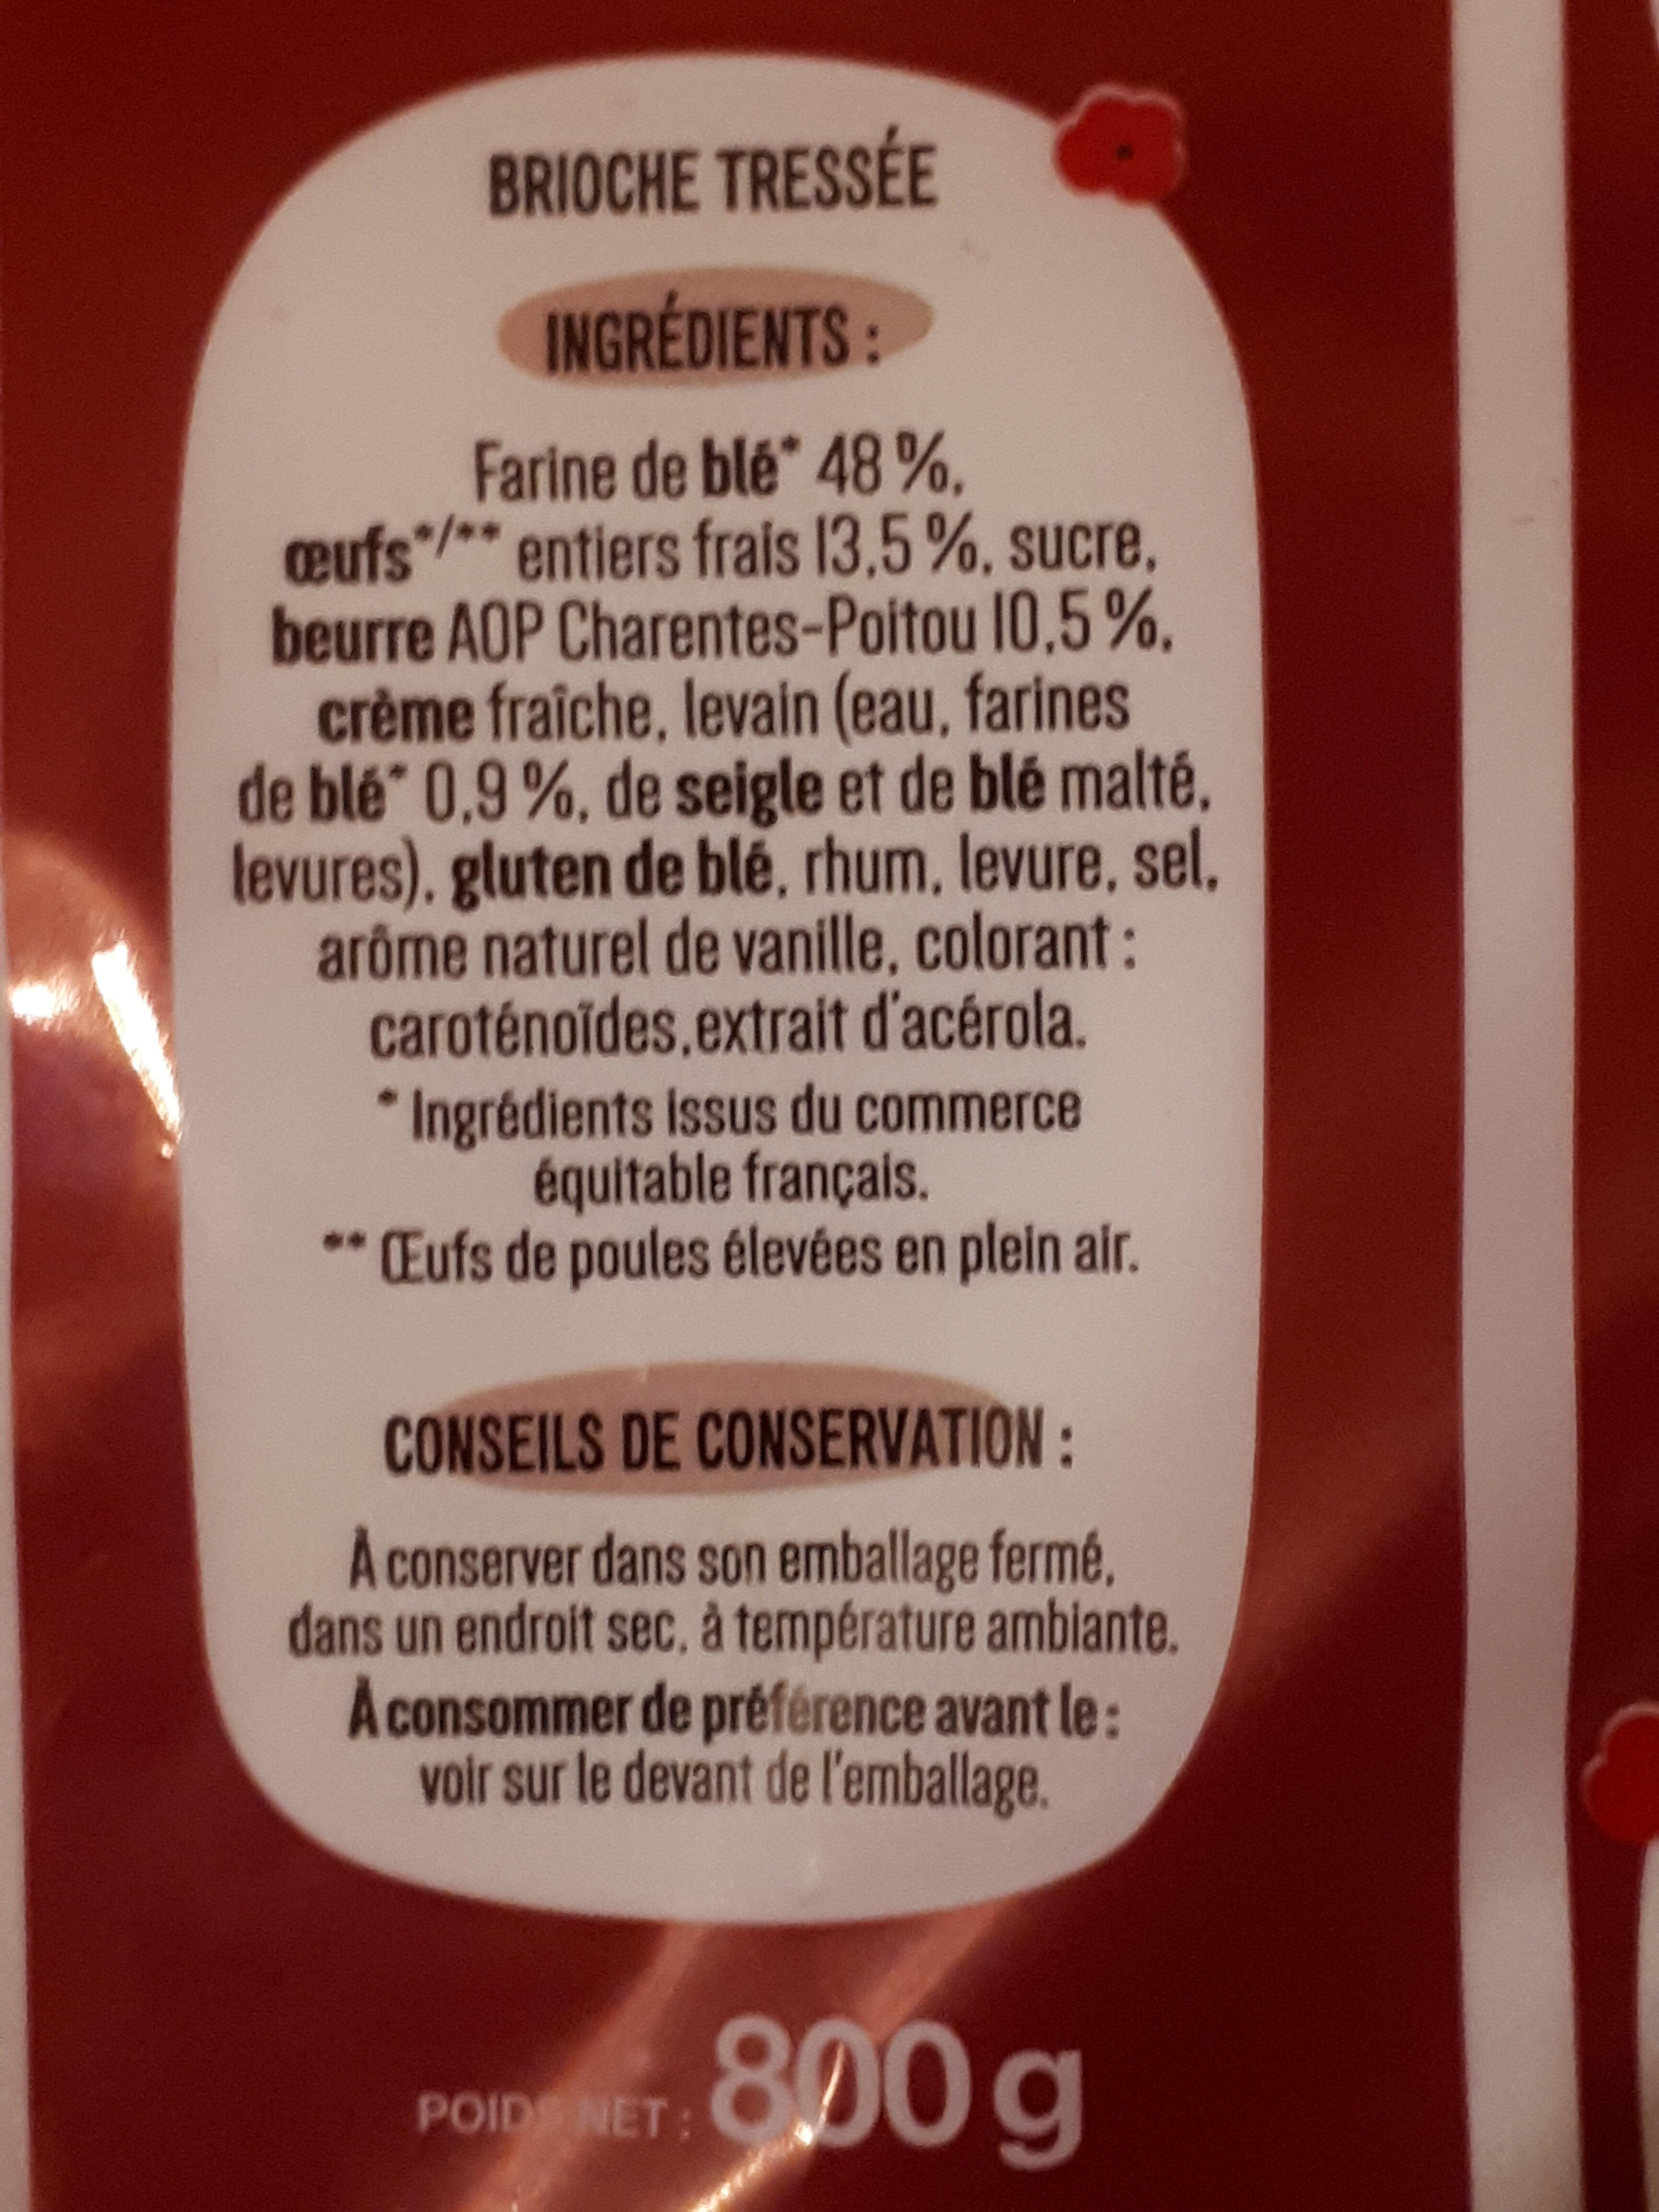 la tressée pur beurre - Ingrédients - fr